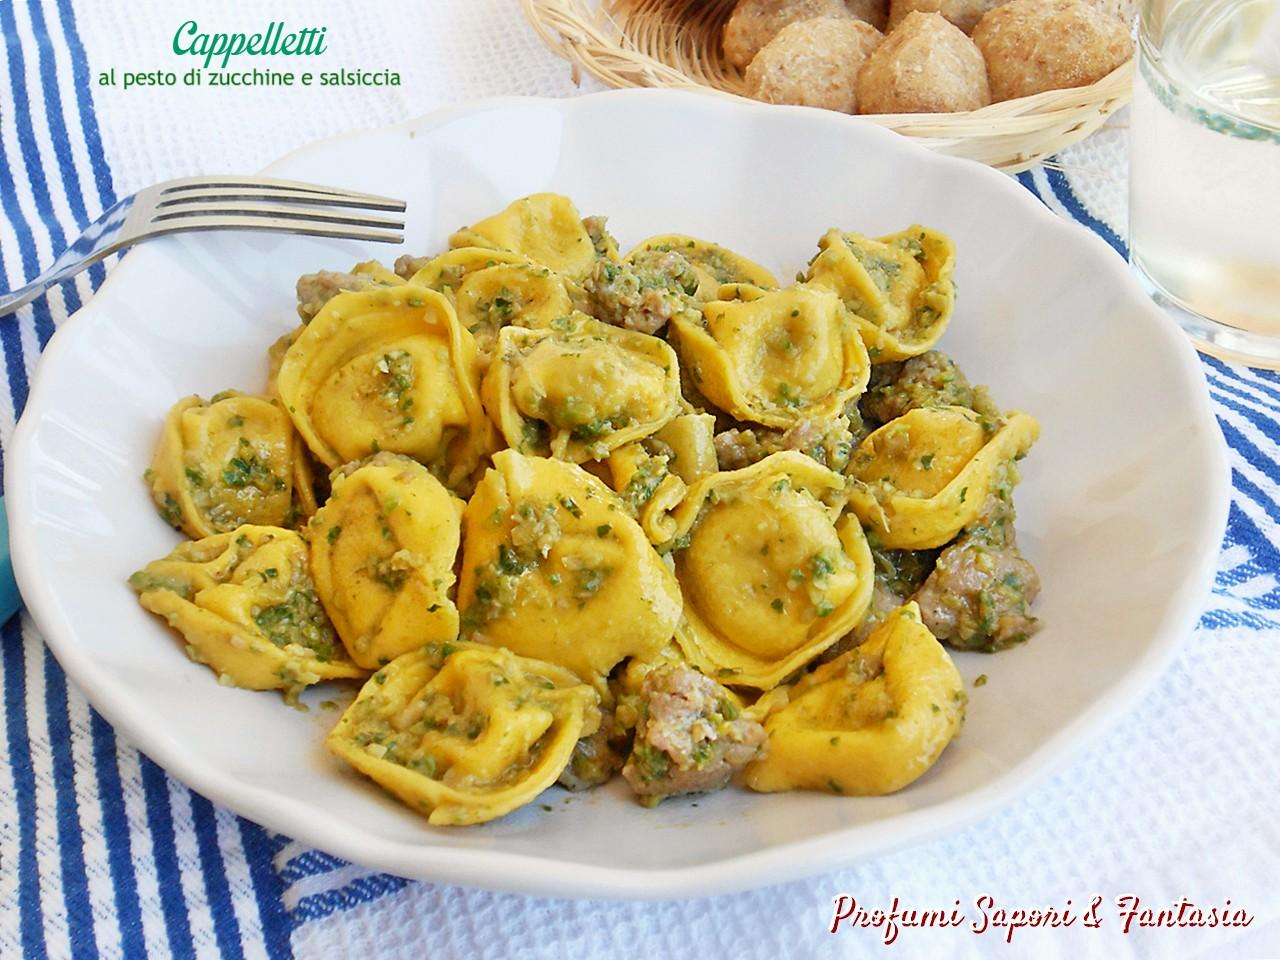 Cappelletti al pesto di zucchine e salsiccia2